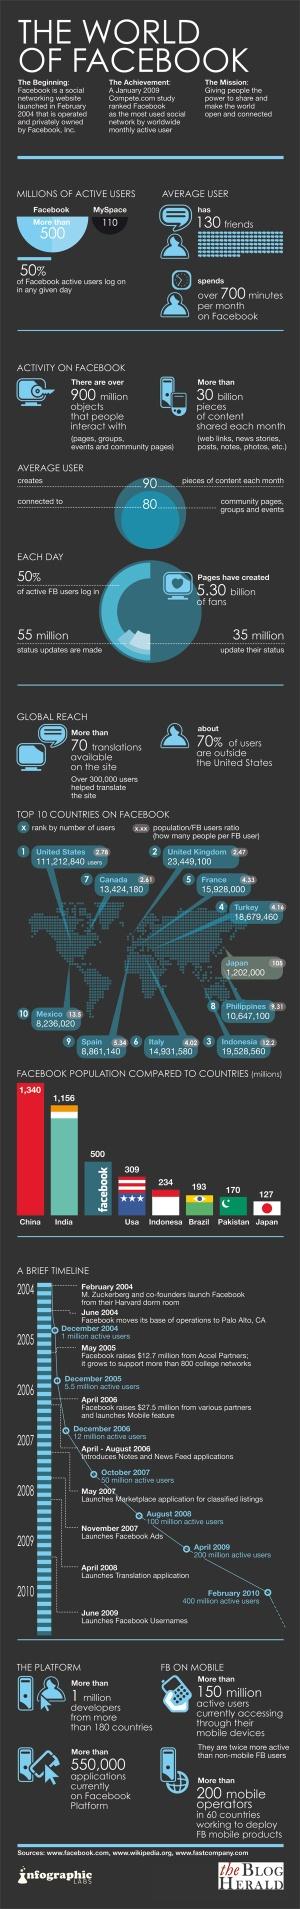 facebook-statistics-infographic-2010-8